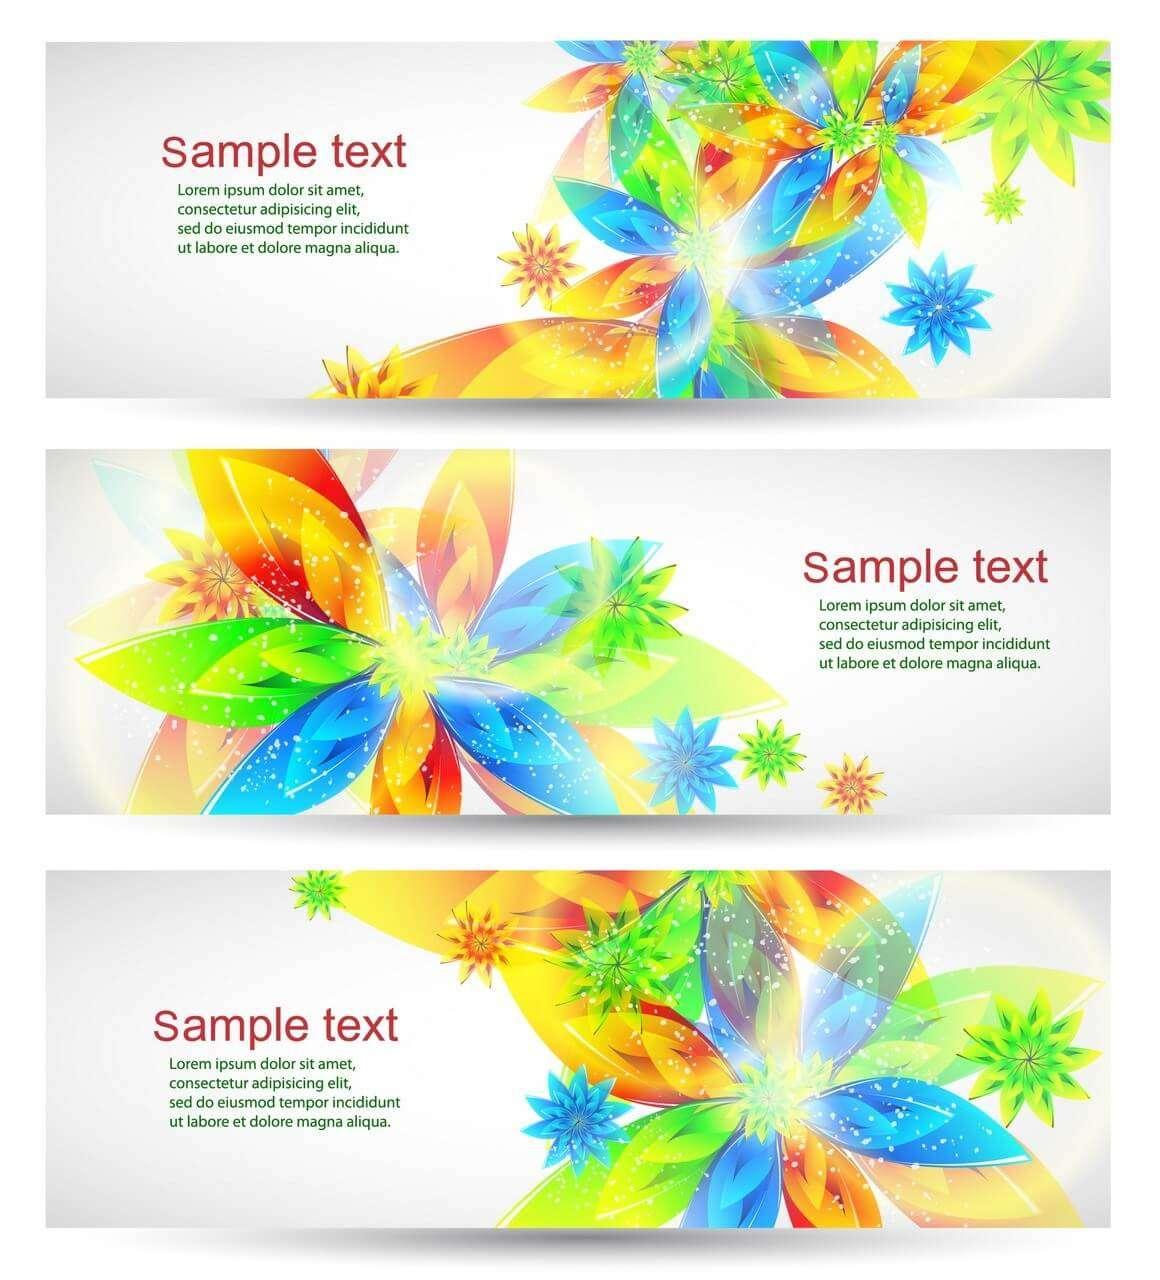 Design banner free download - Banner13